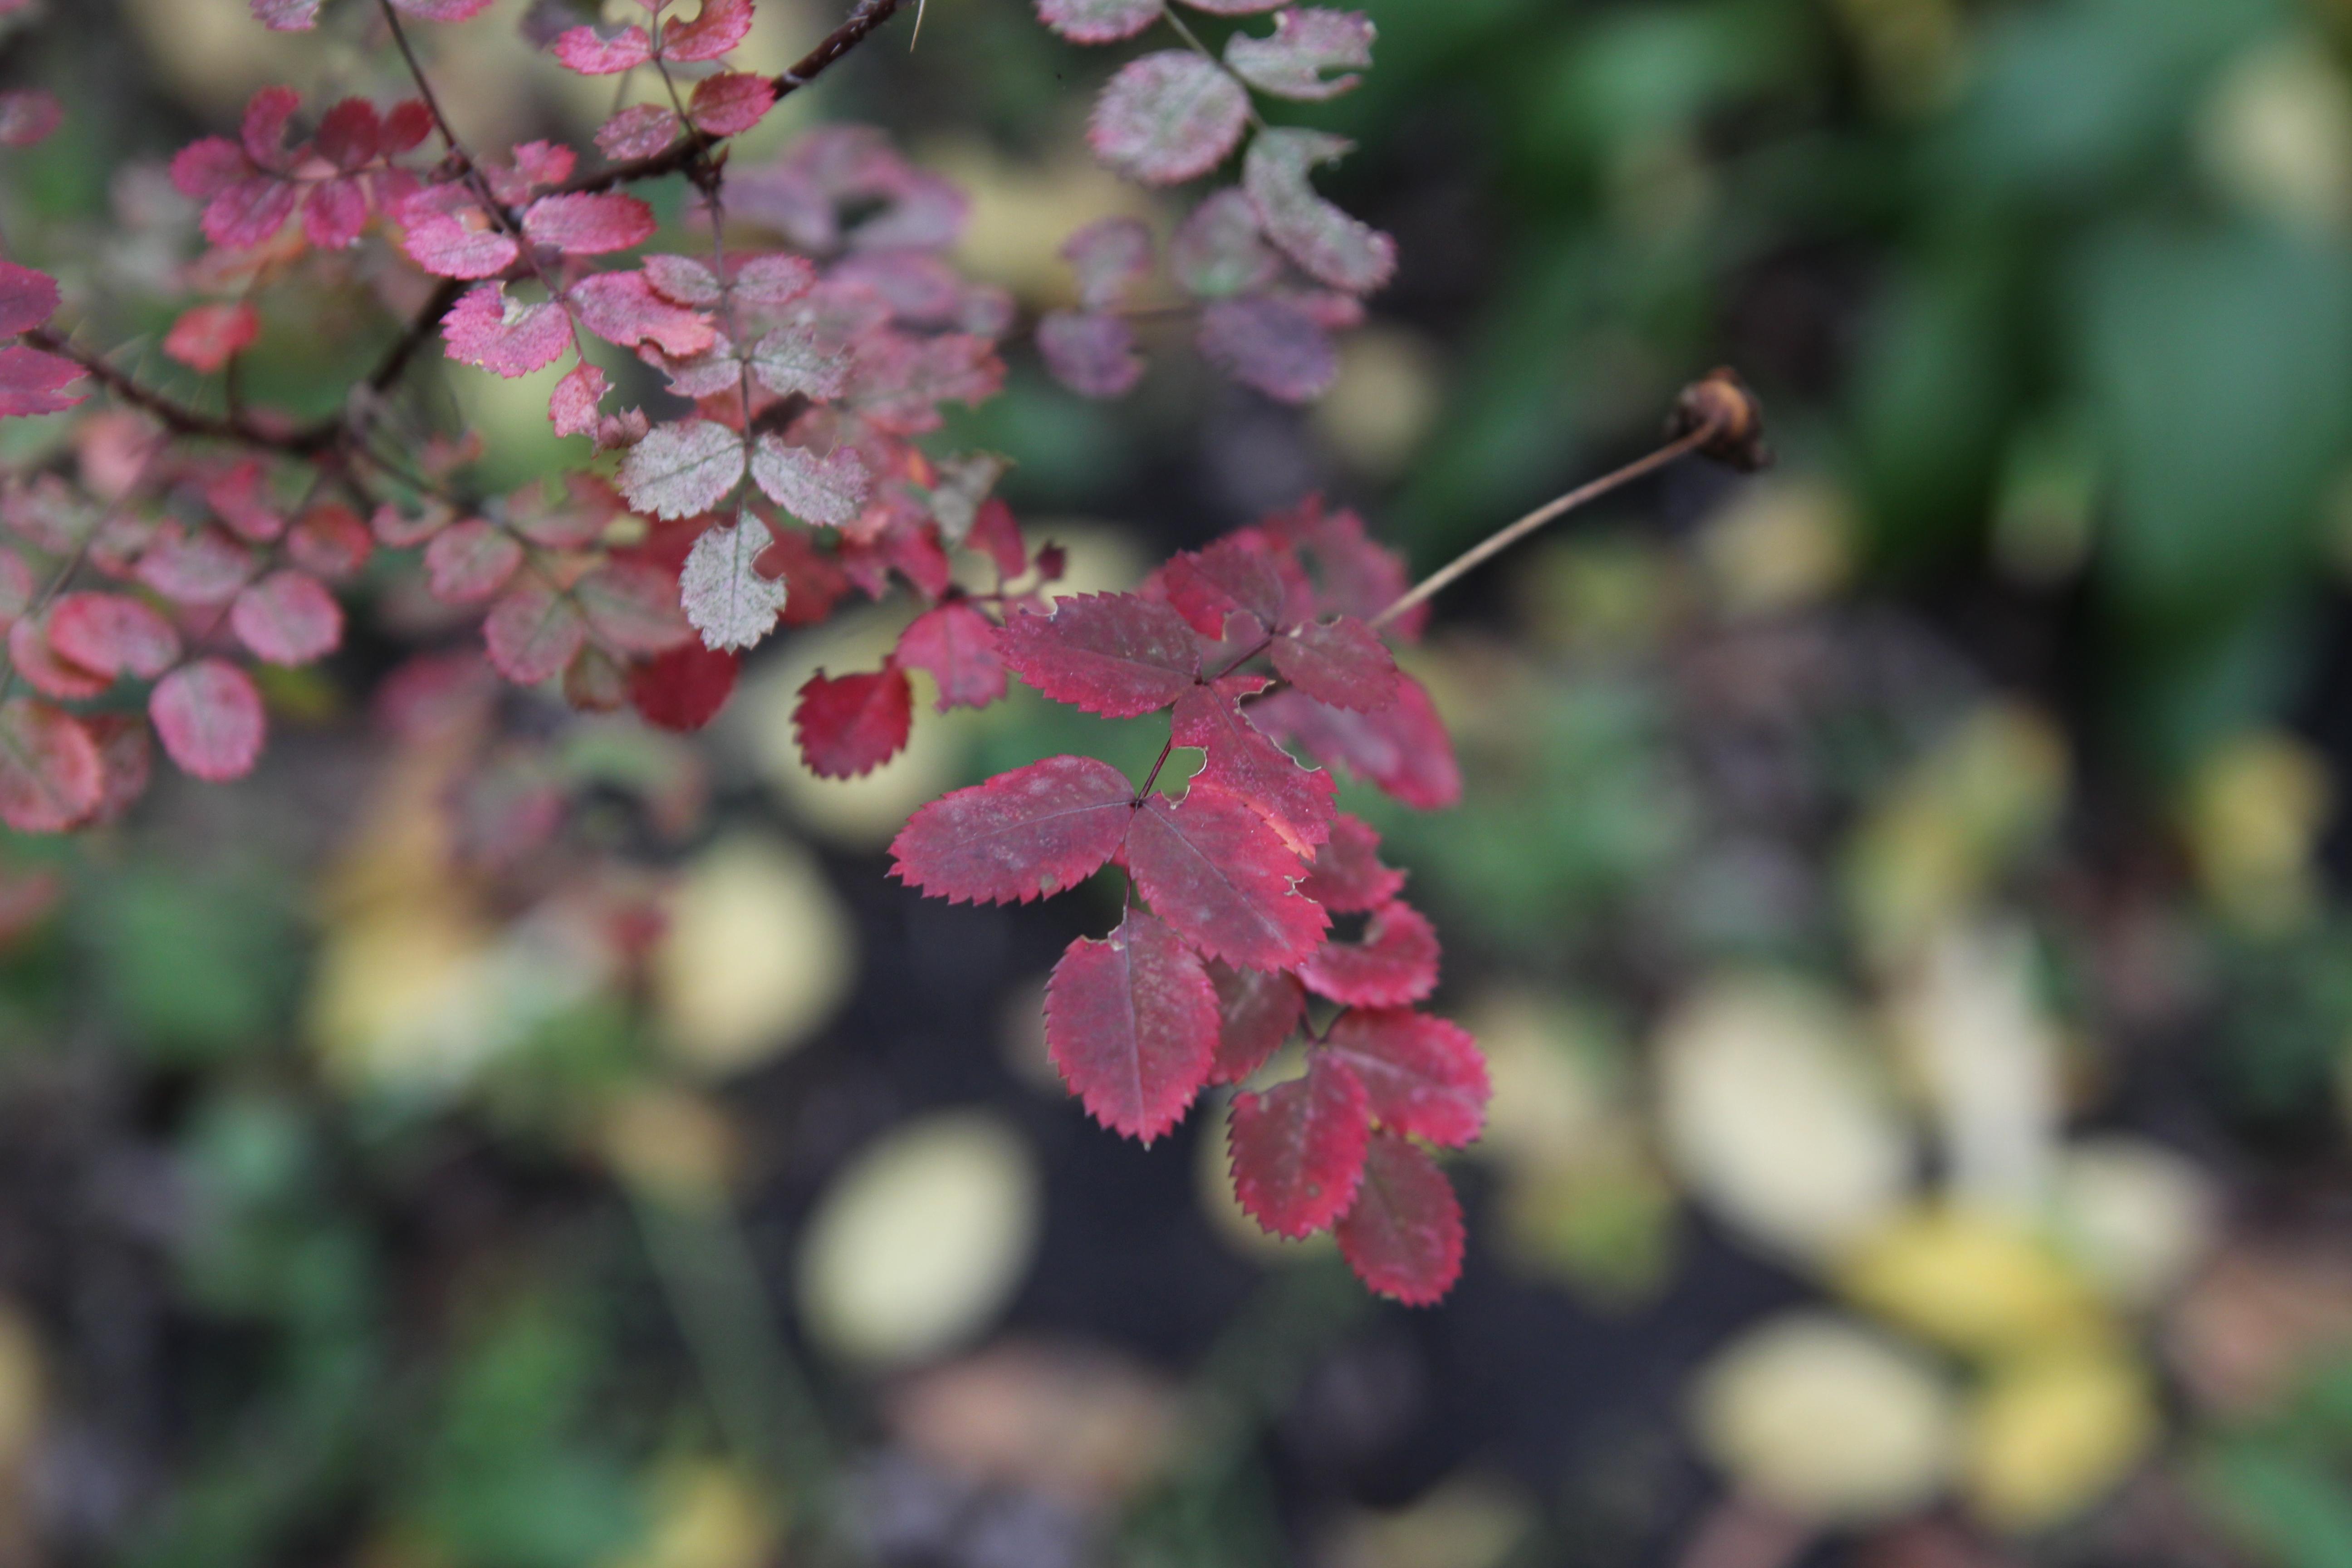 Листья странной красной формы